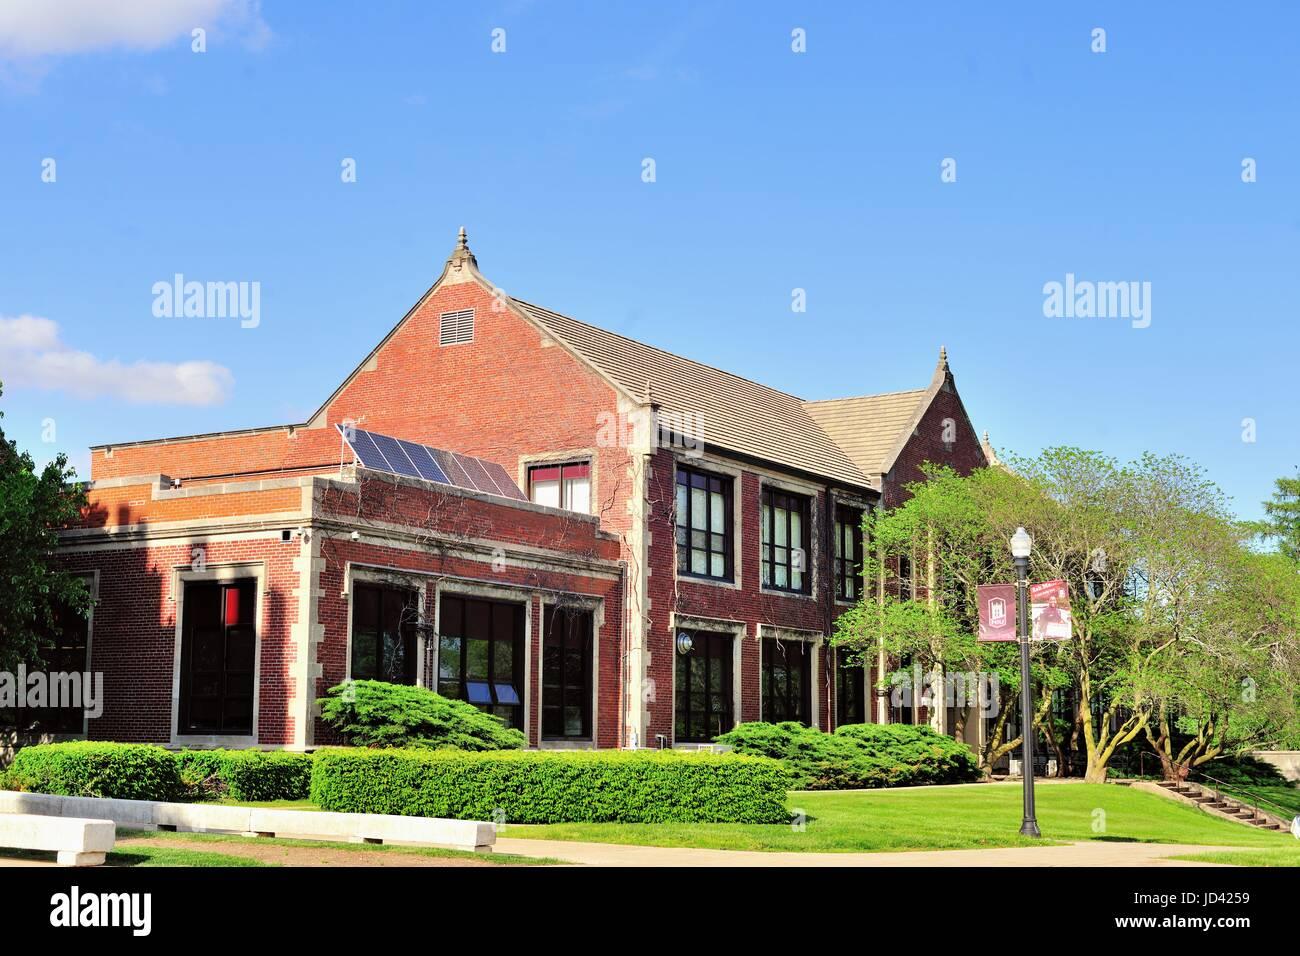 Still Hall on the campus of Northern Illinois University in DeKalb, Illinois, USA. - Stock Image